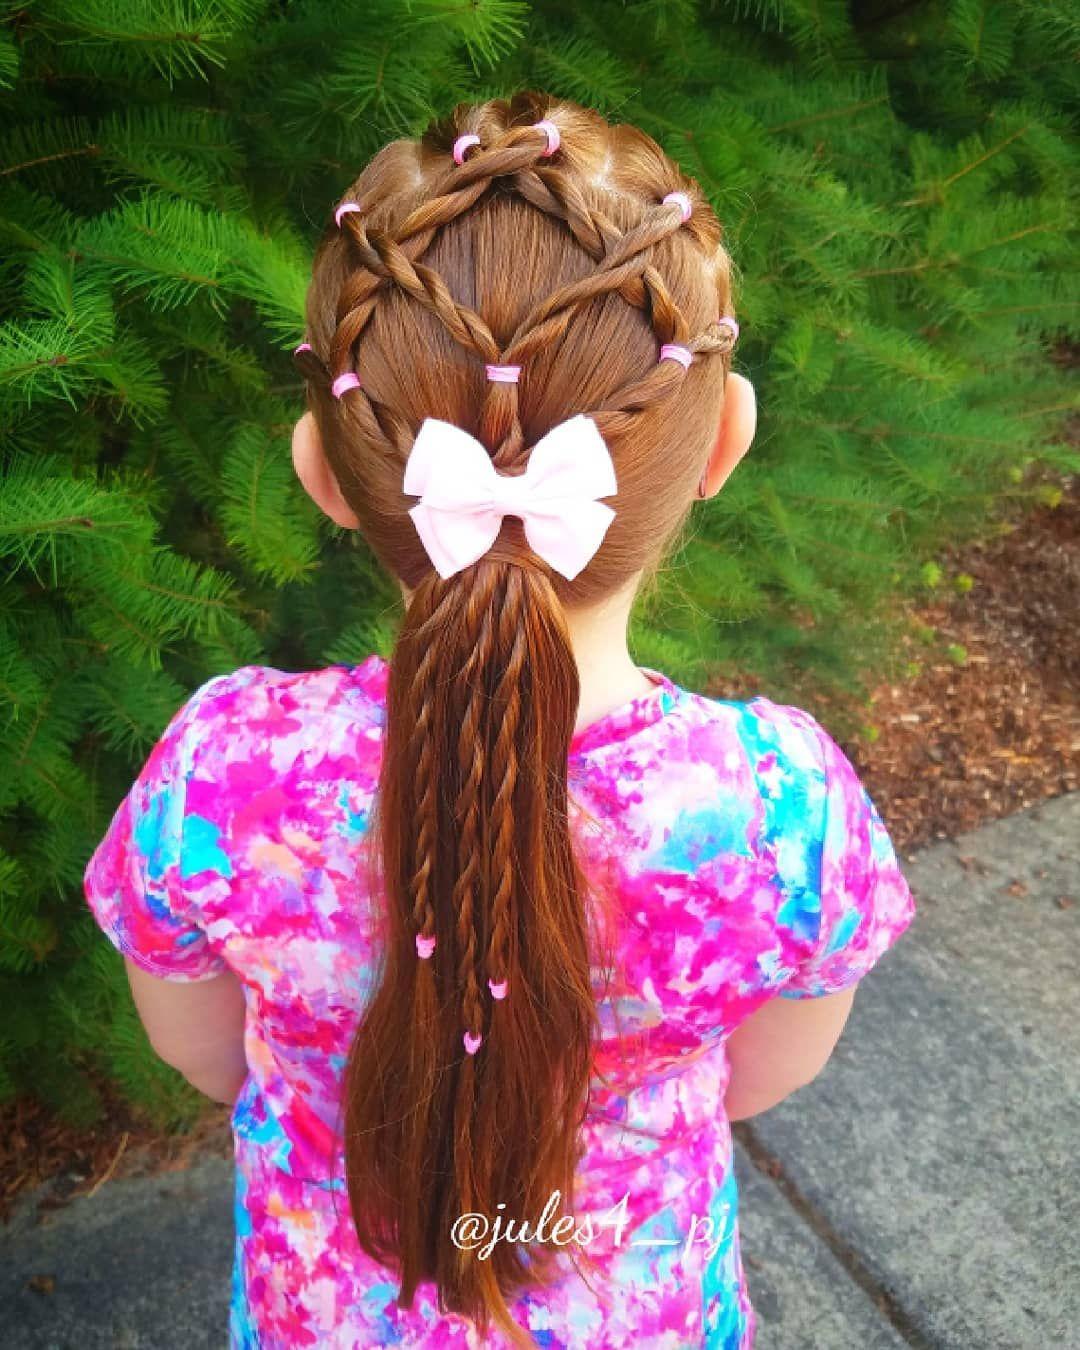 Rope twists braid twists easy braids easy kid hairstyles cute